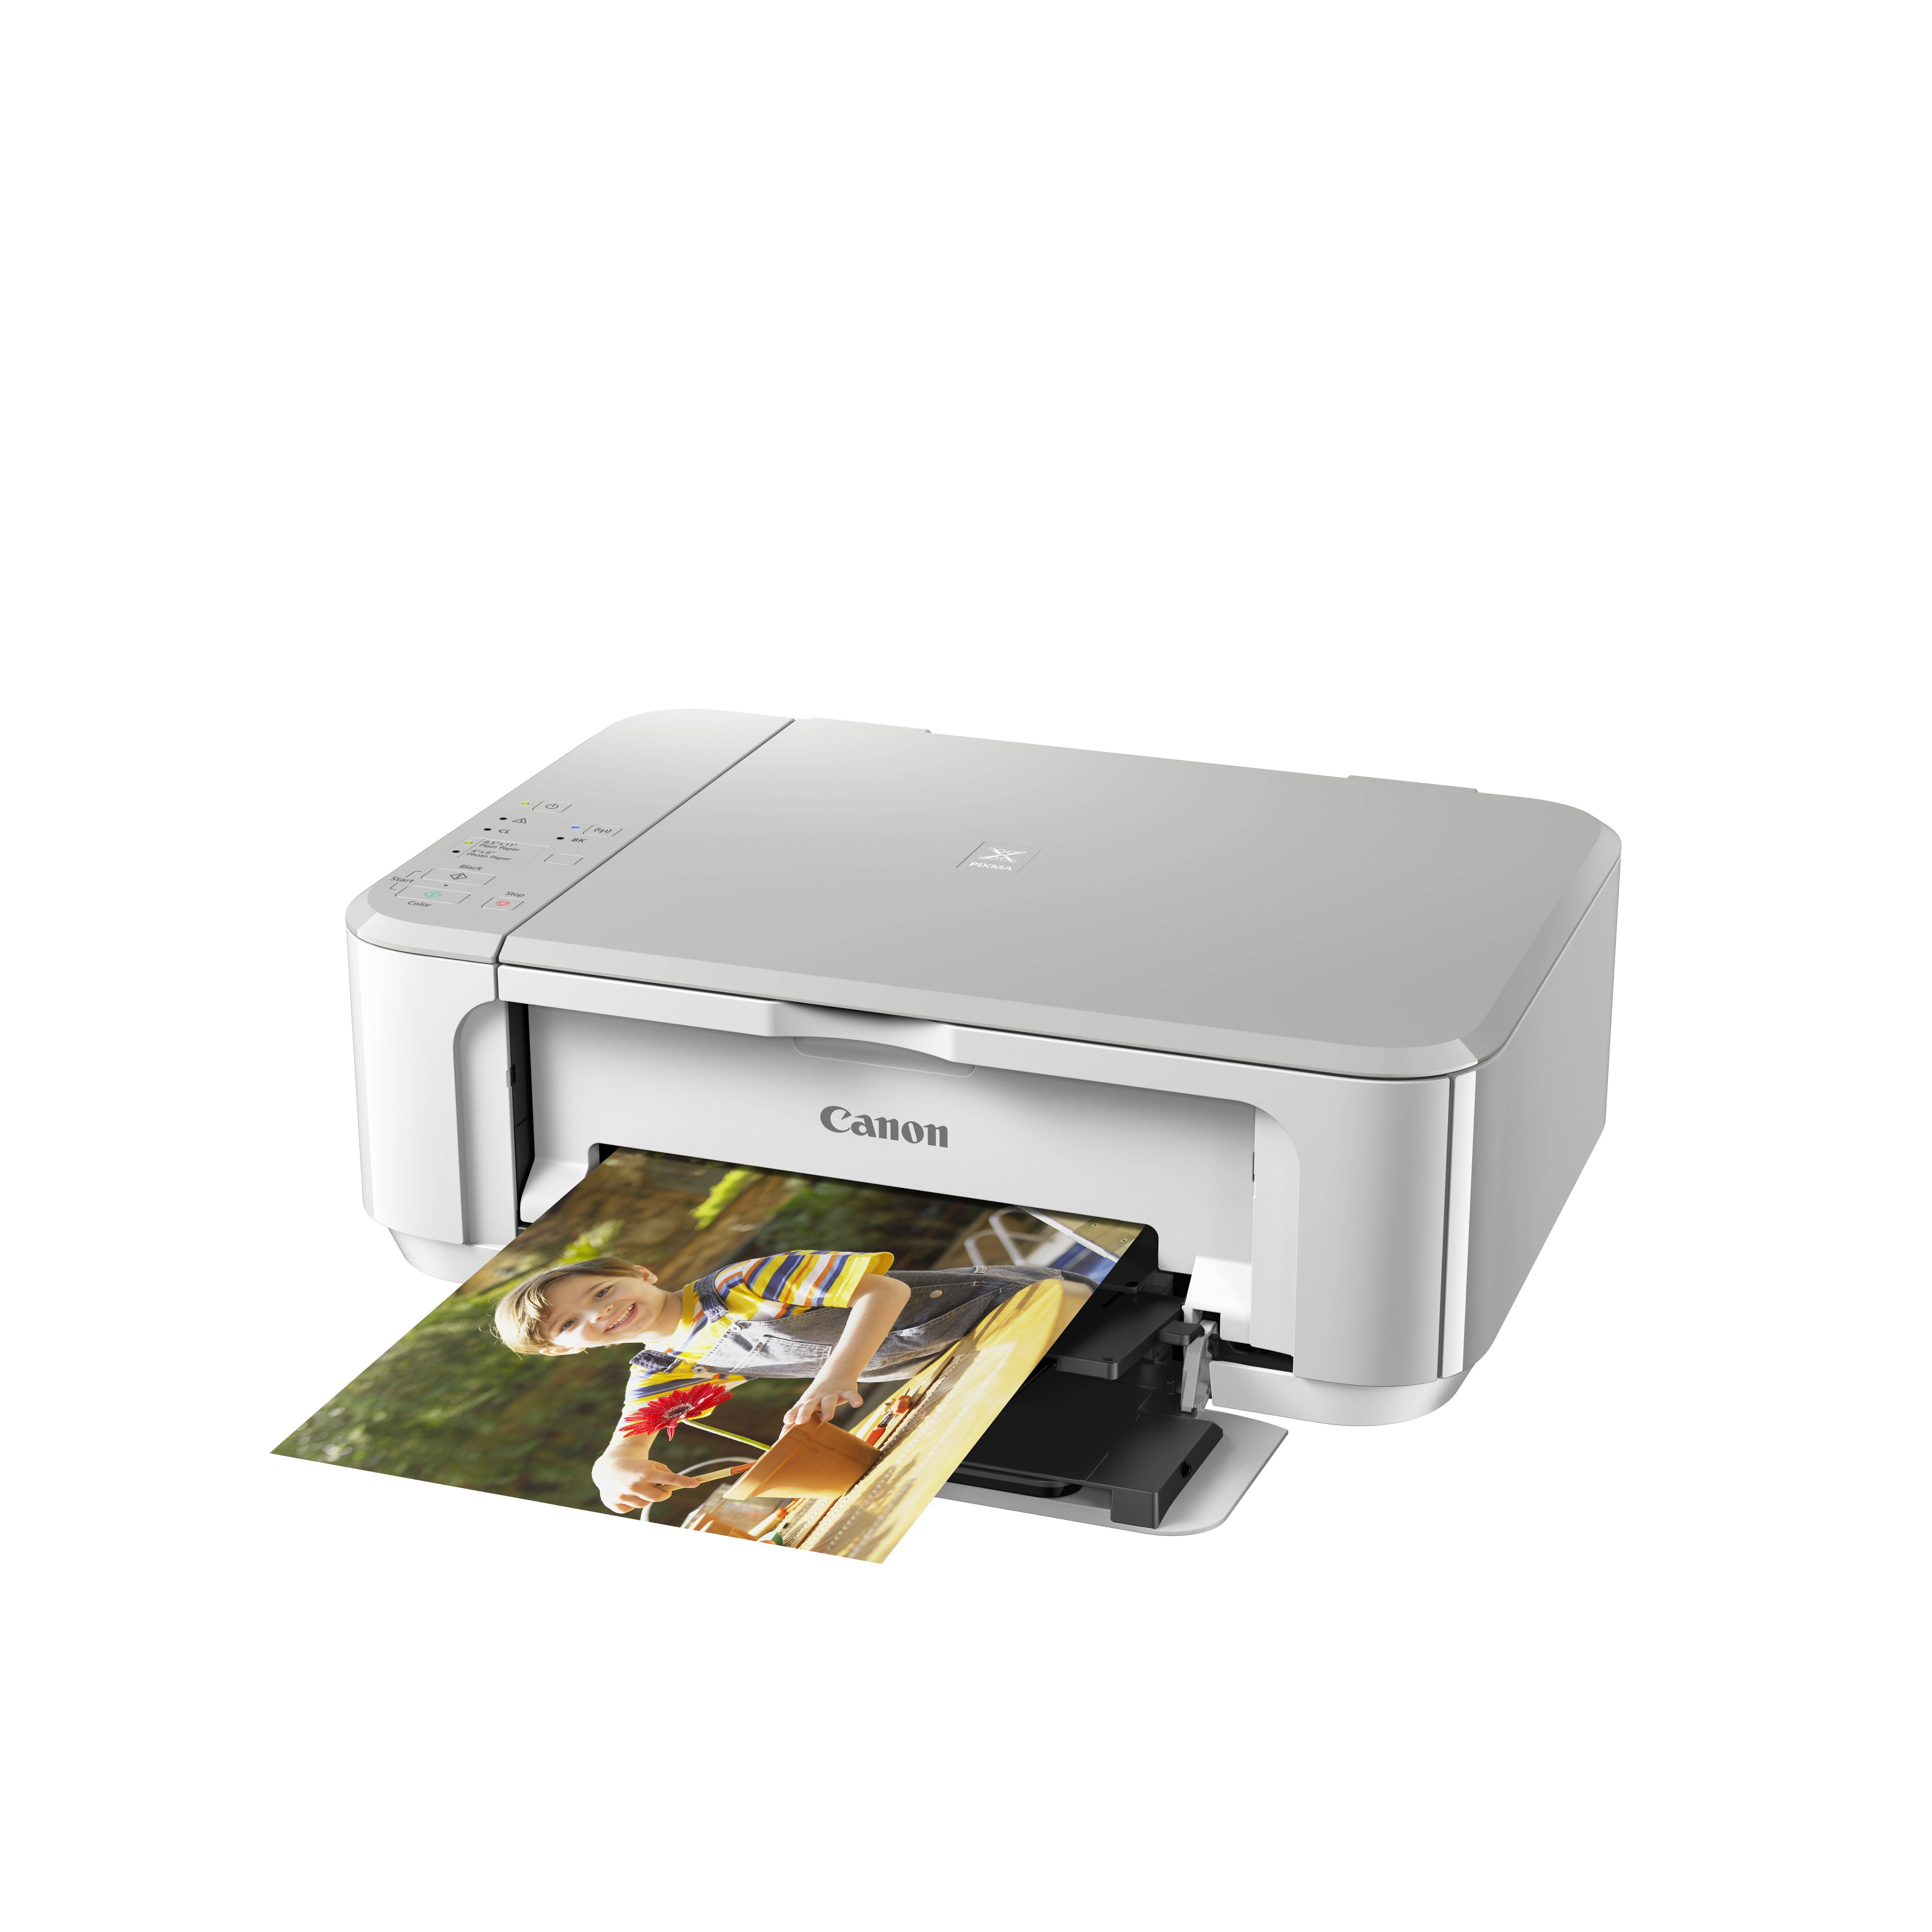 Canon-0515C026-PIXMA-MG3650-Inkjet-4800-x-1200-DPI-A4-Wi-Fi-802-11-b-g-n